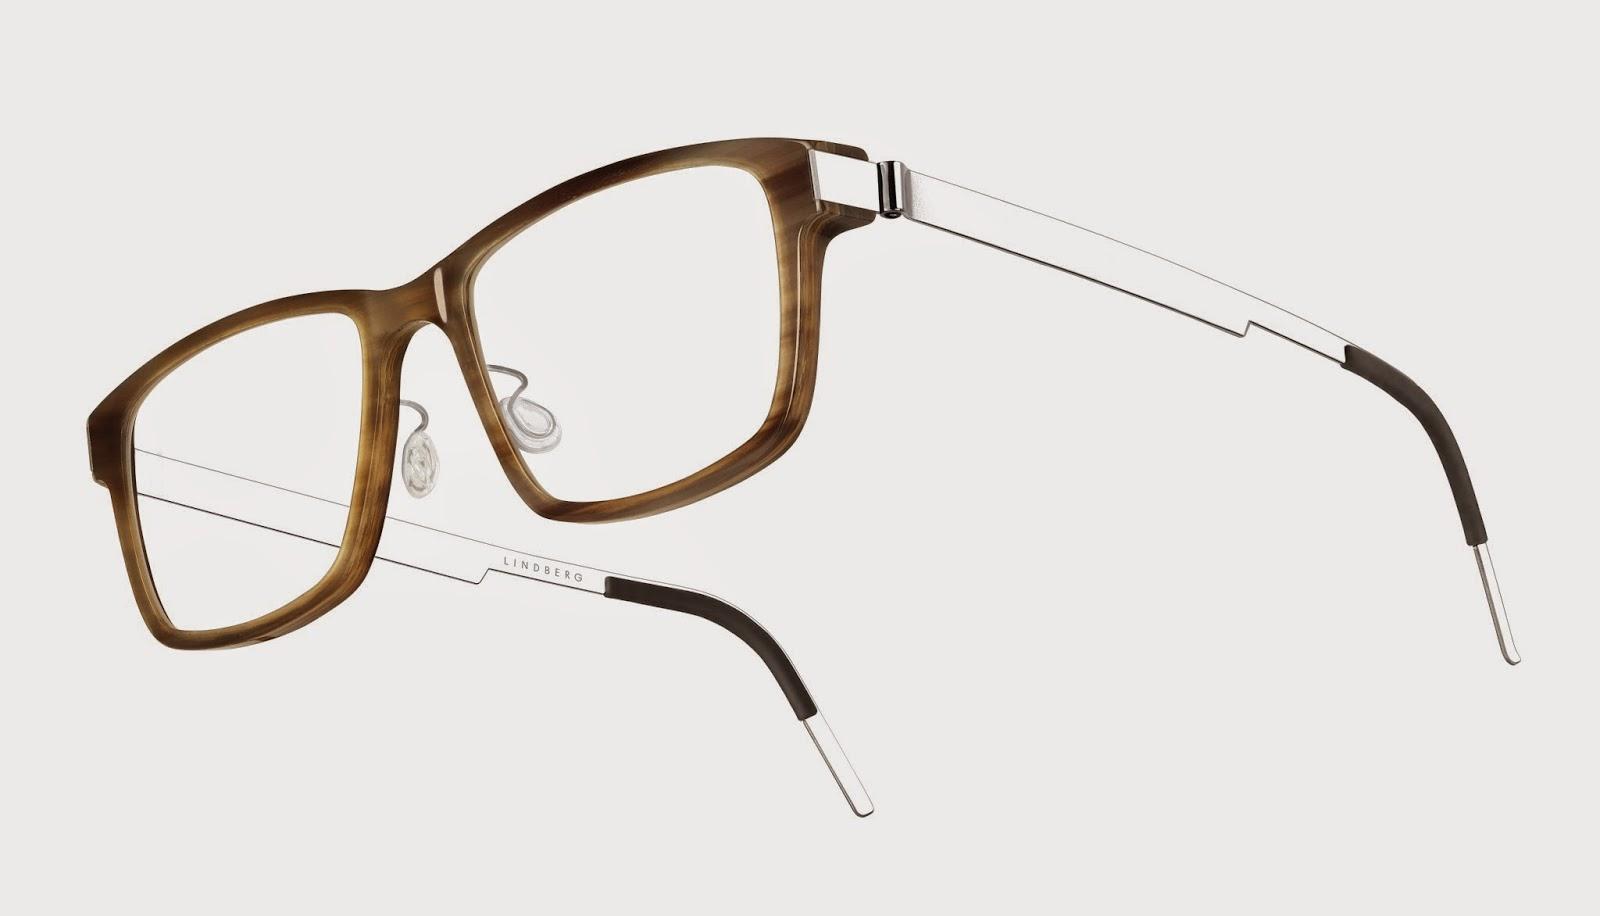 """鼻梁被眼镜压塌?试试这副只有 1.9g 的眼镜吧,从此告别尴尬的""""小红章"""""""